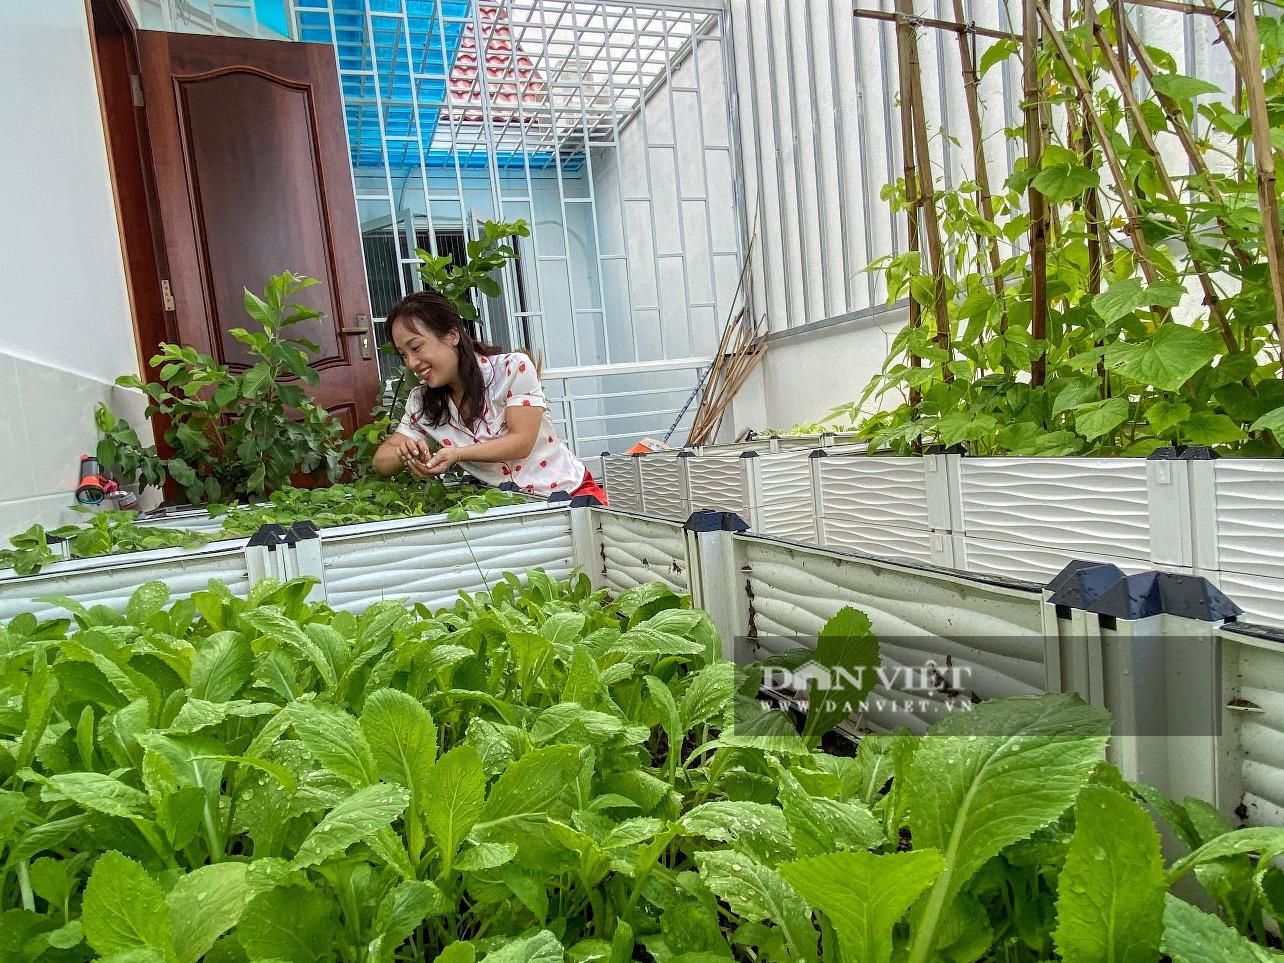 Làm vườn trên sân thượng, nữ kế toán phục vụ rau xanh, sạch quanh năm cho gia đình - Ảnh 3.